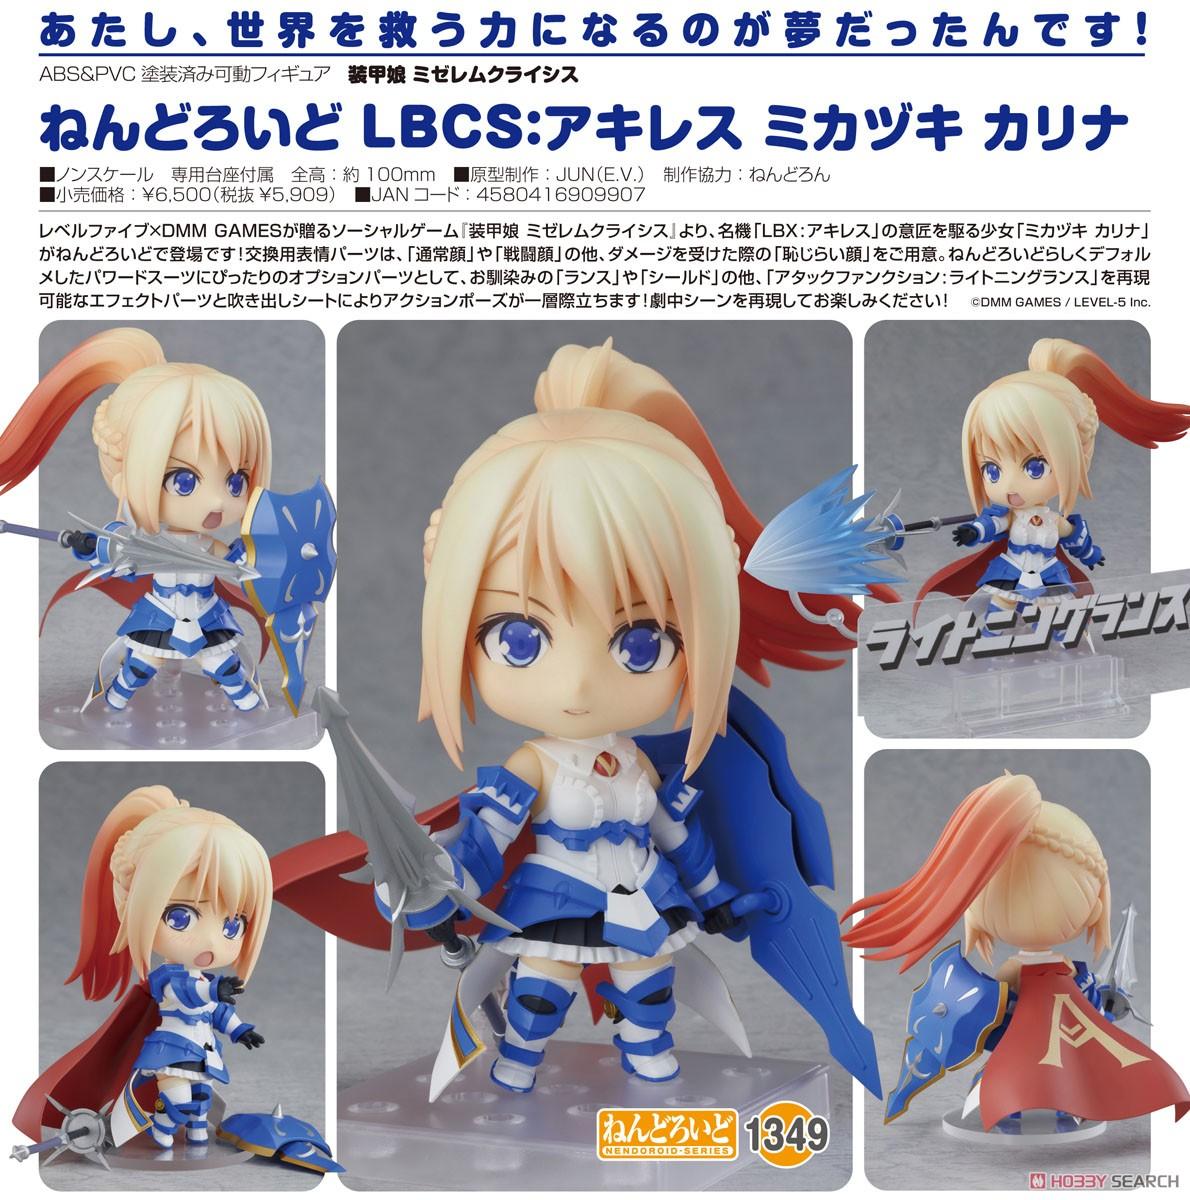 ねんどろいど『LBCS:アキレス ミカヅキカリナ』装甲娘 ミゼレムクライシス 可動フィギュア-006